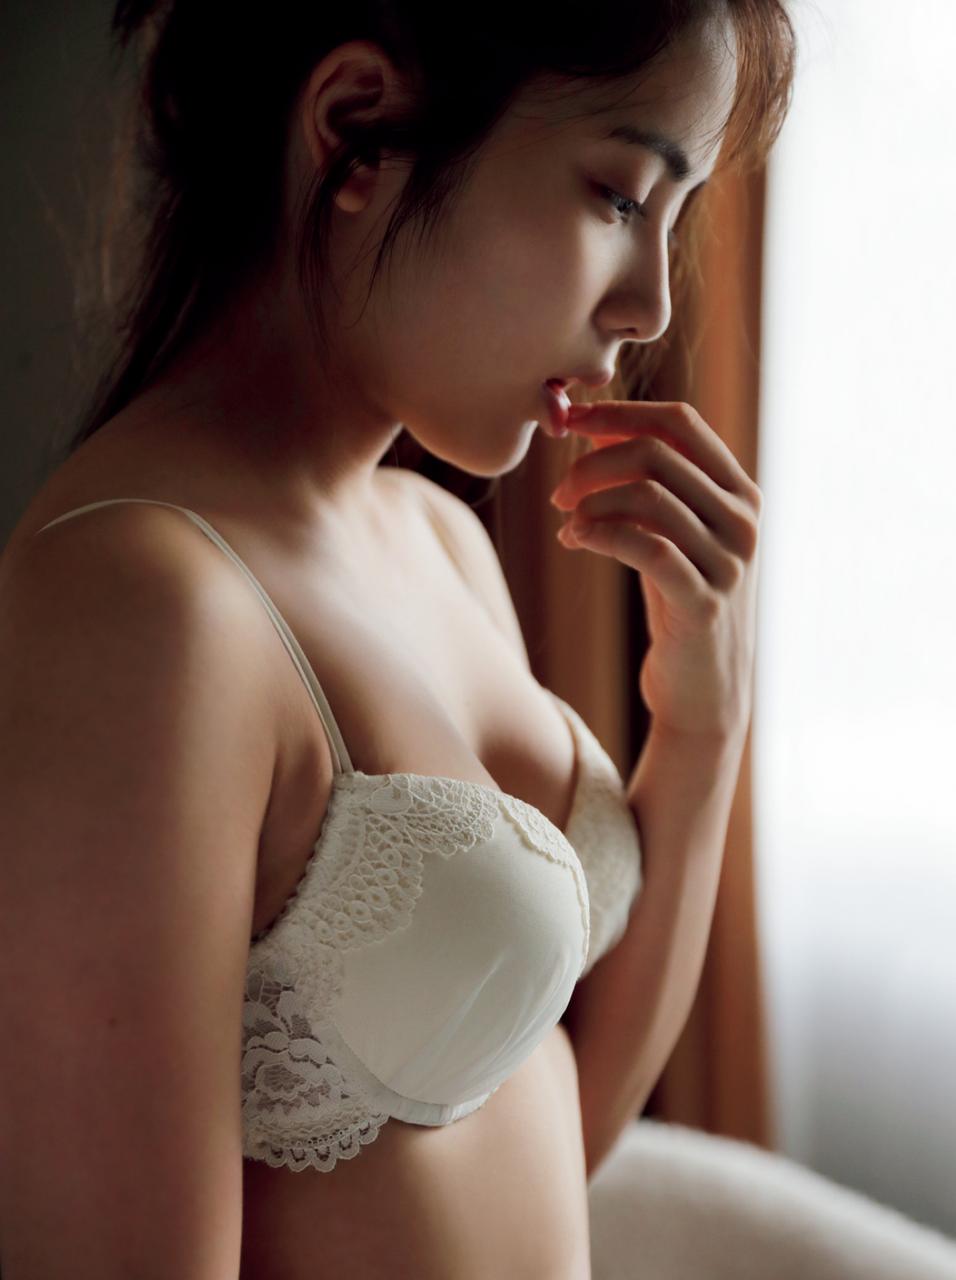 入山杏奈(21)写真集でセックスな姿見せてくれて総選挙の順位も期待できそうwwww(えろ写真)